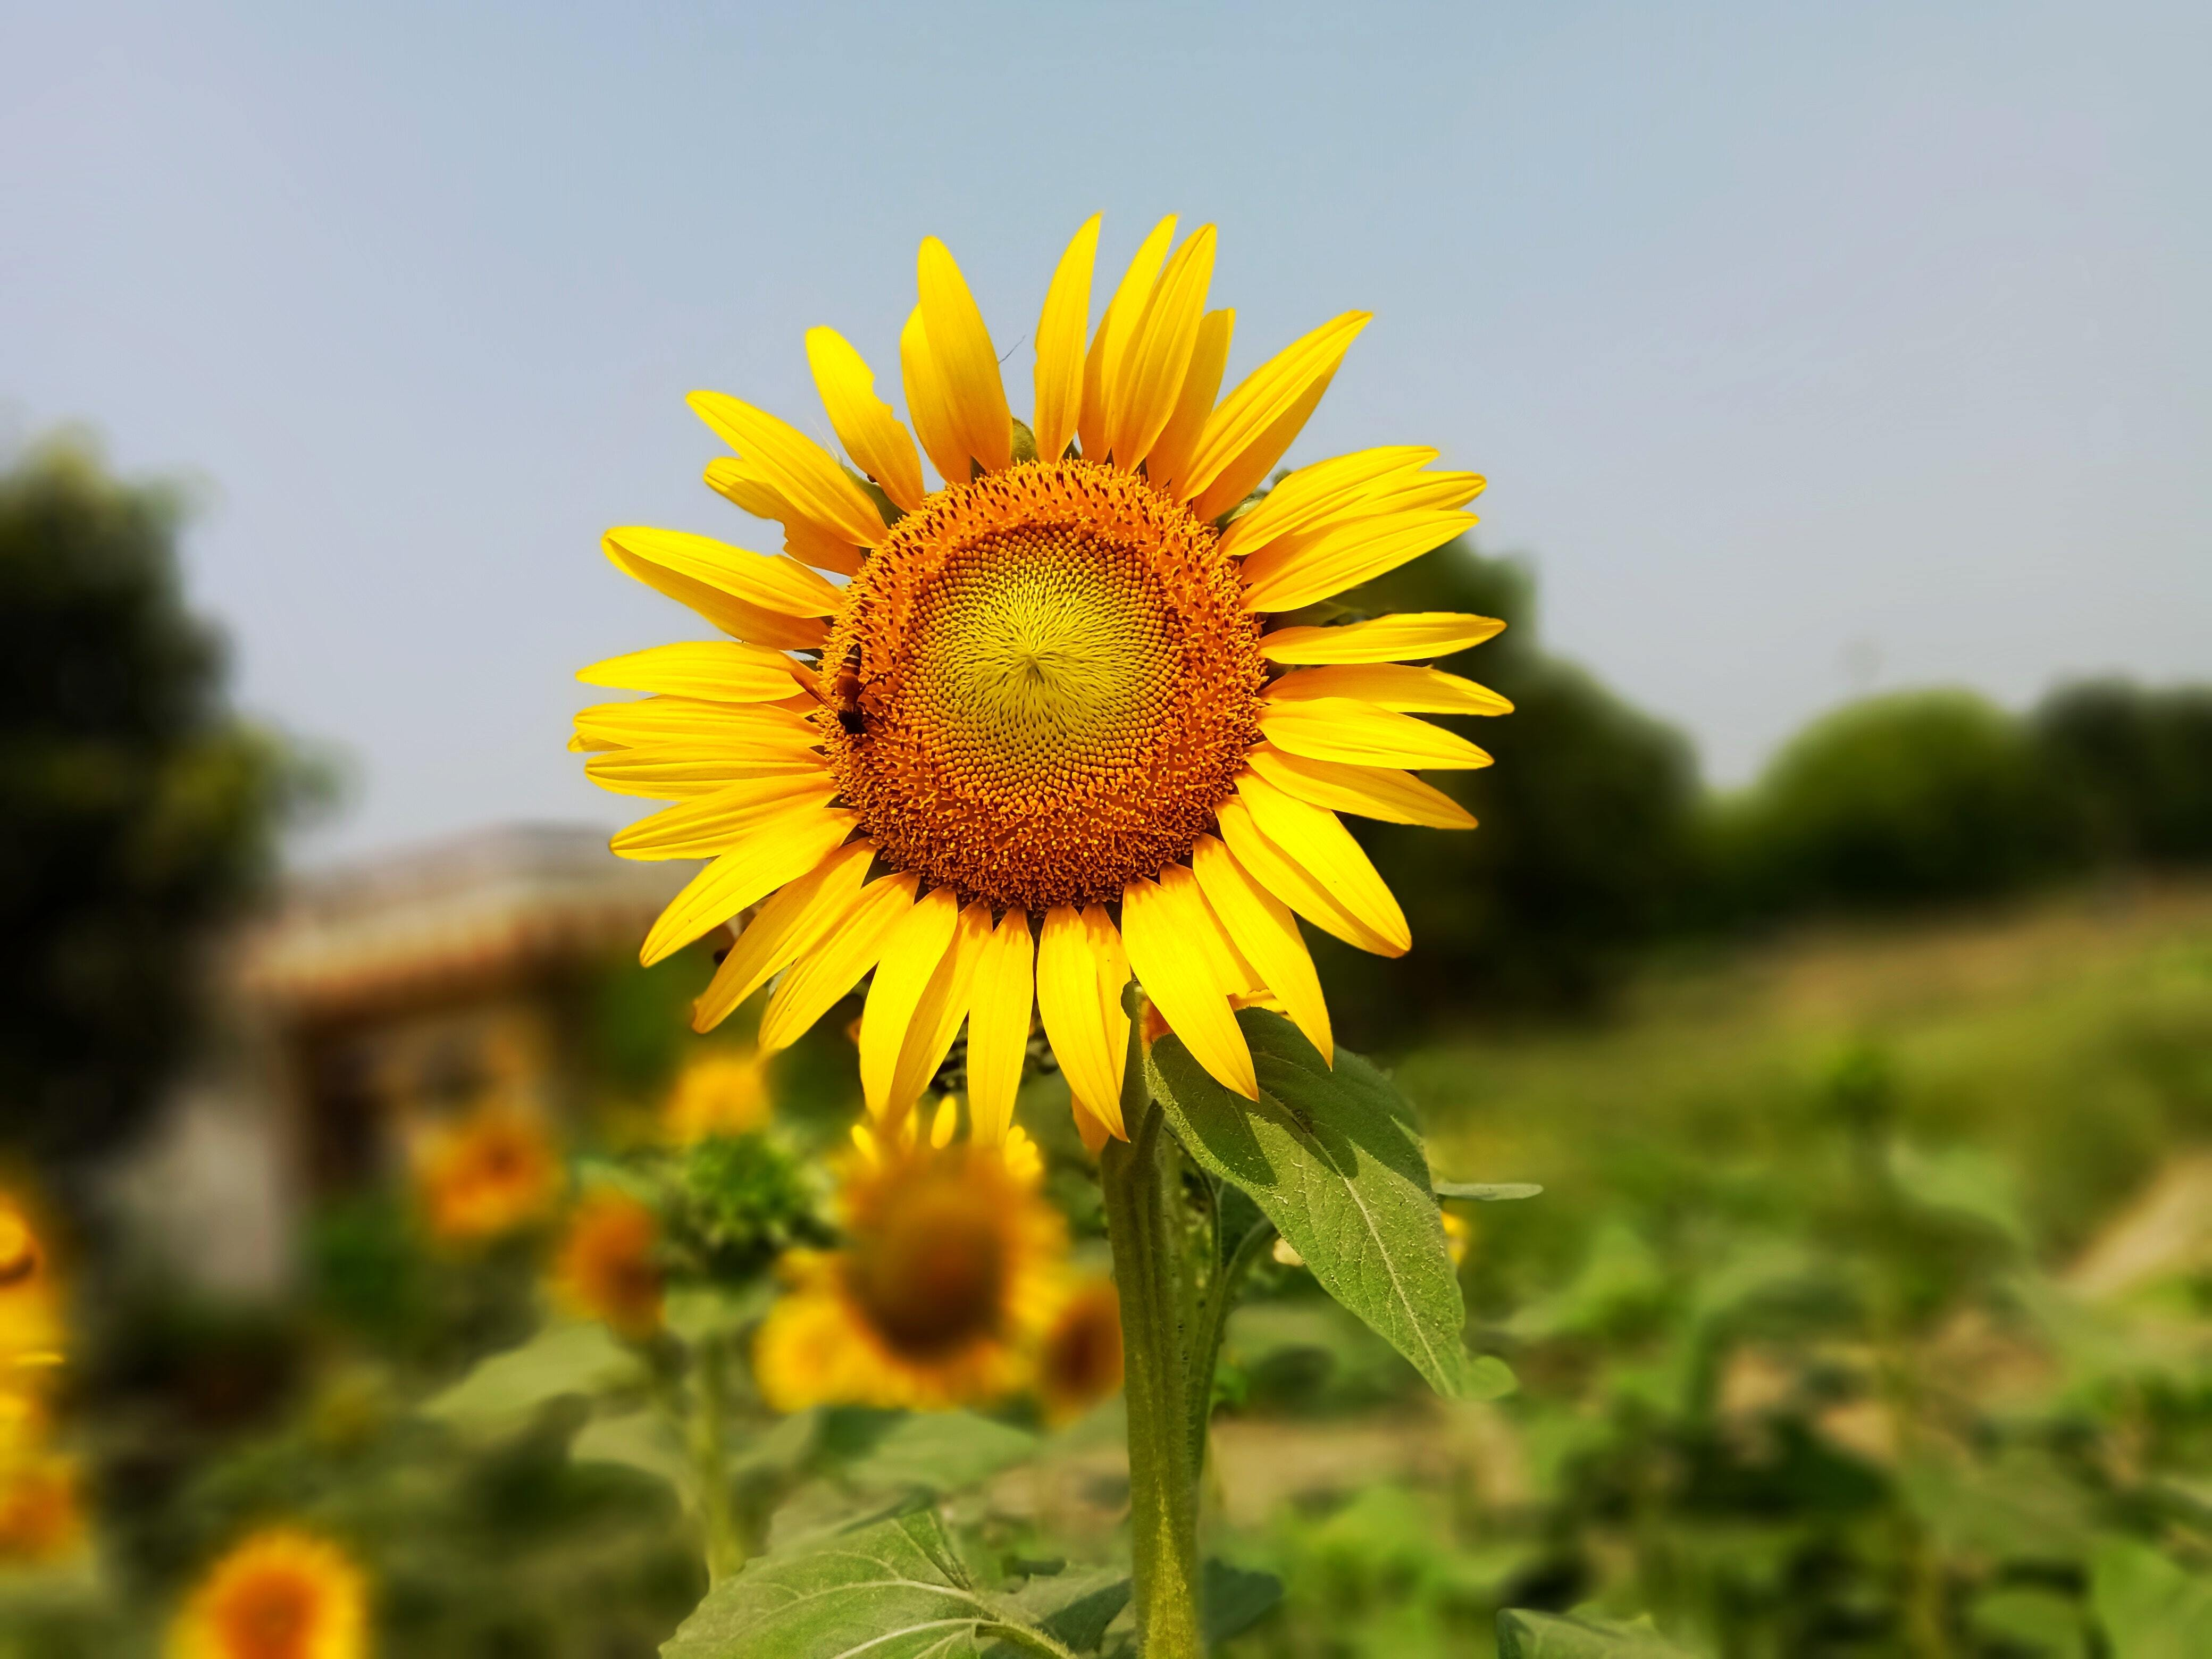 Картинка: Подсолнух, насекомое, пчела, поле, размытие